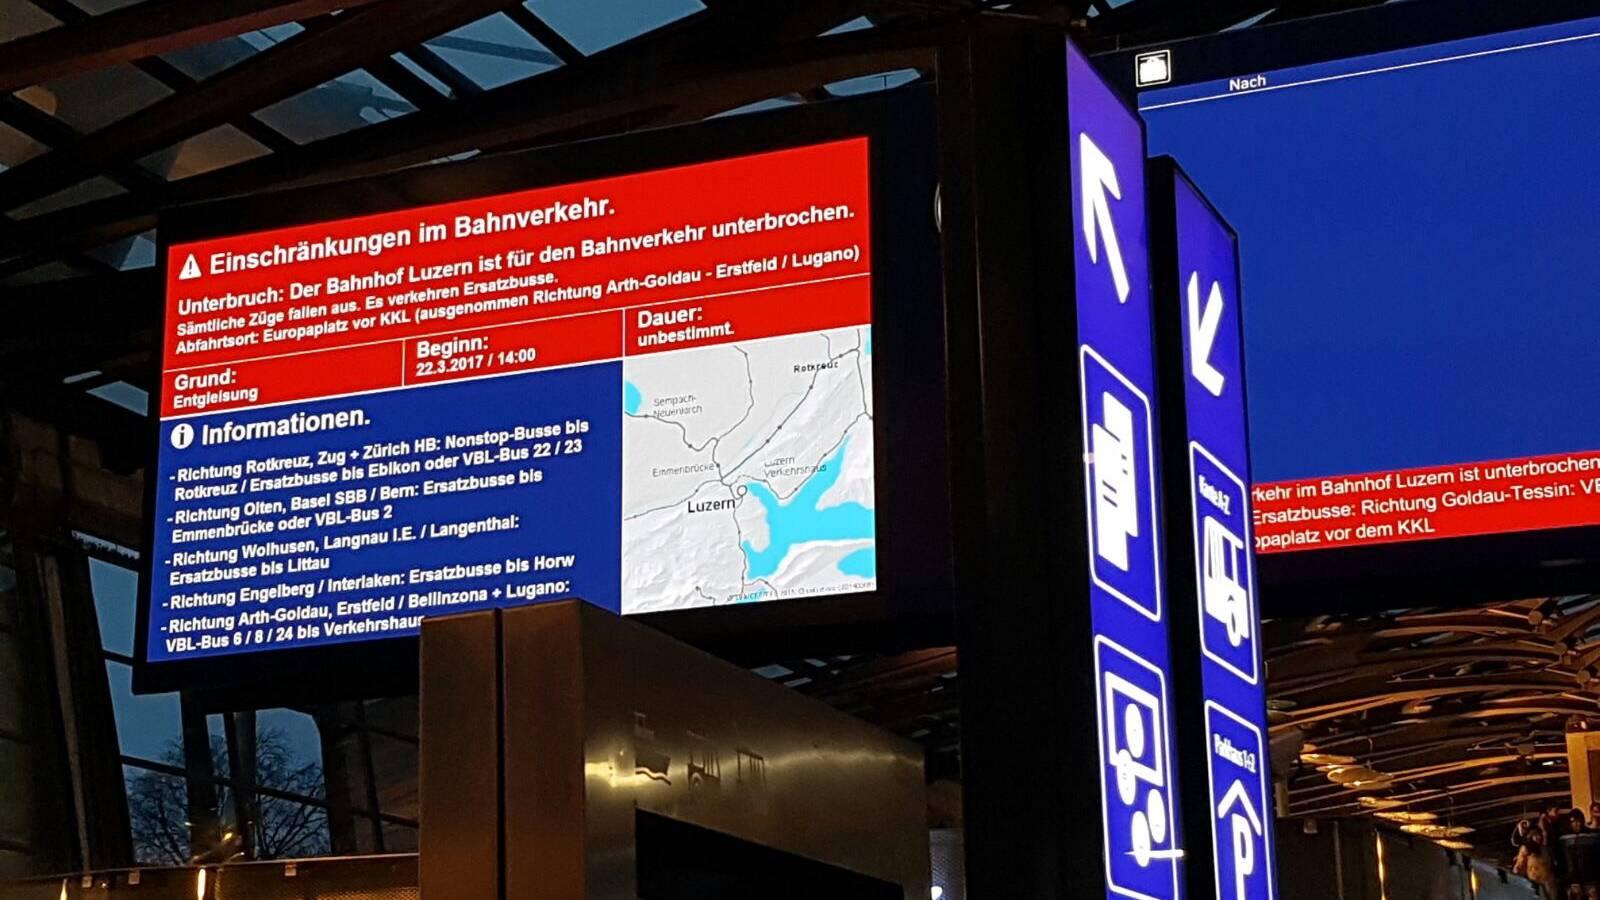 Technische Störung am Bahnhof Luzern